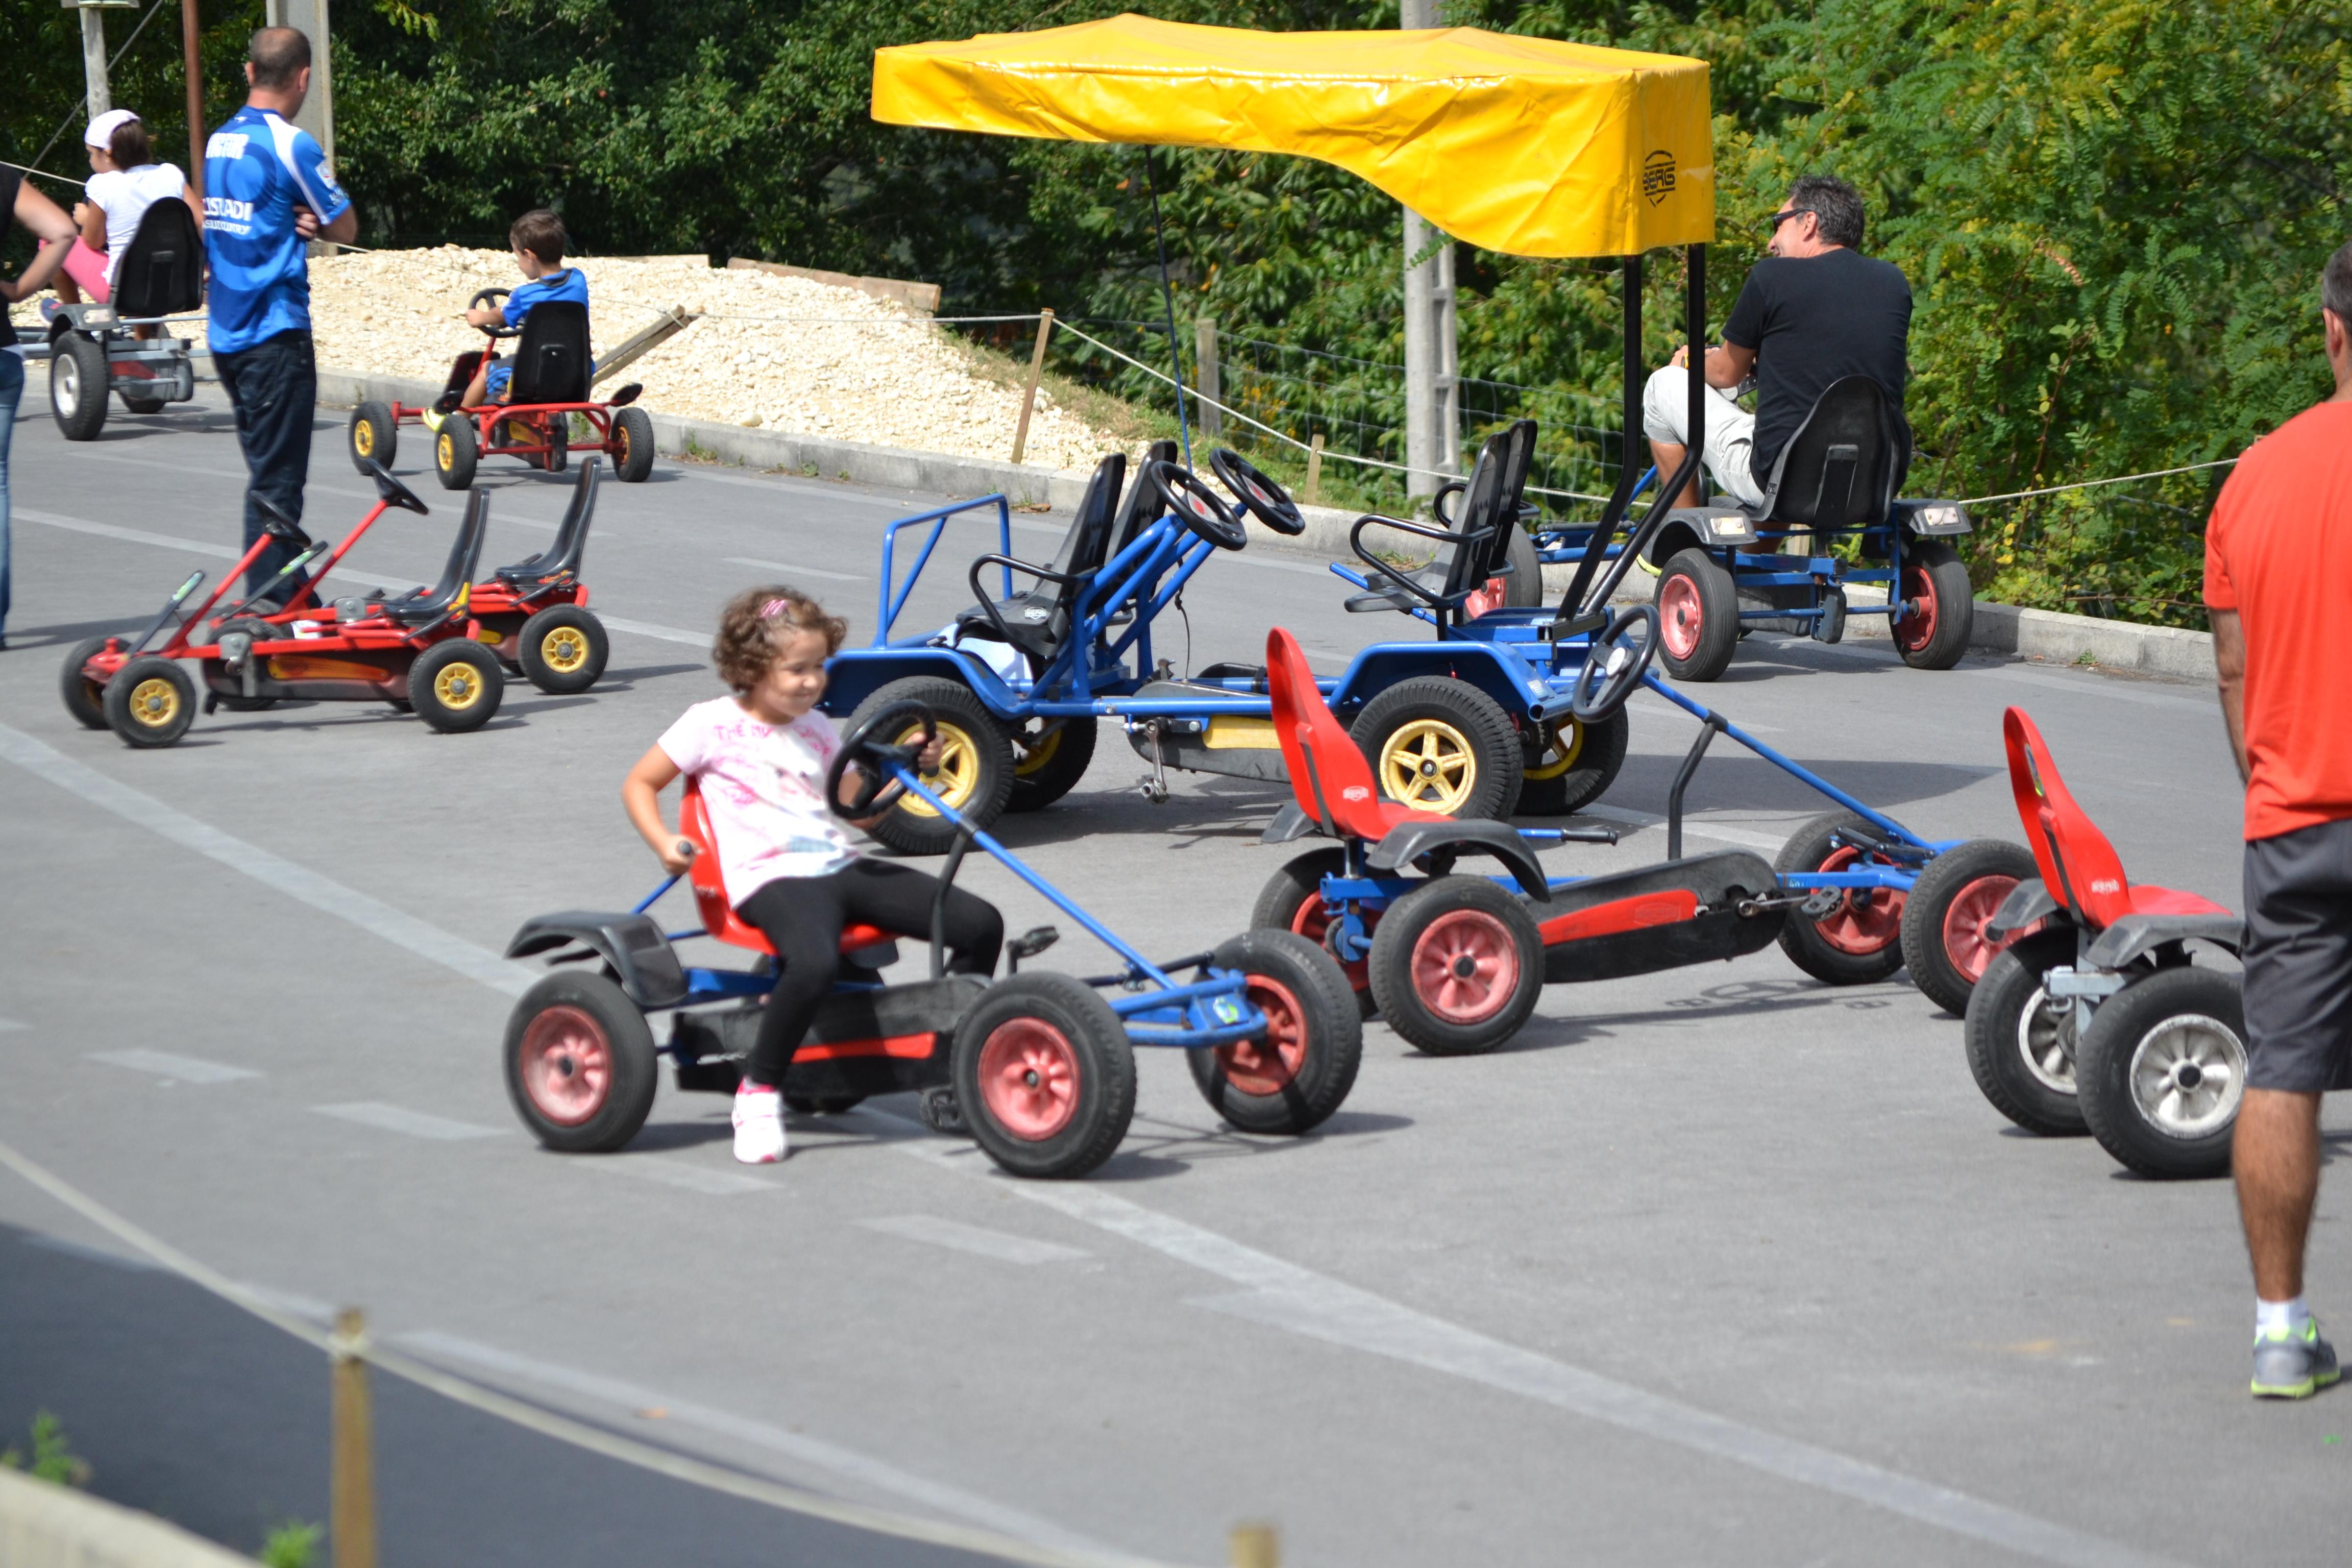 karts_2_Cantabria_Parque_multiaventura_ocio_juegos_cabuerniaventura